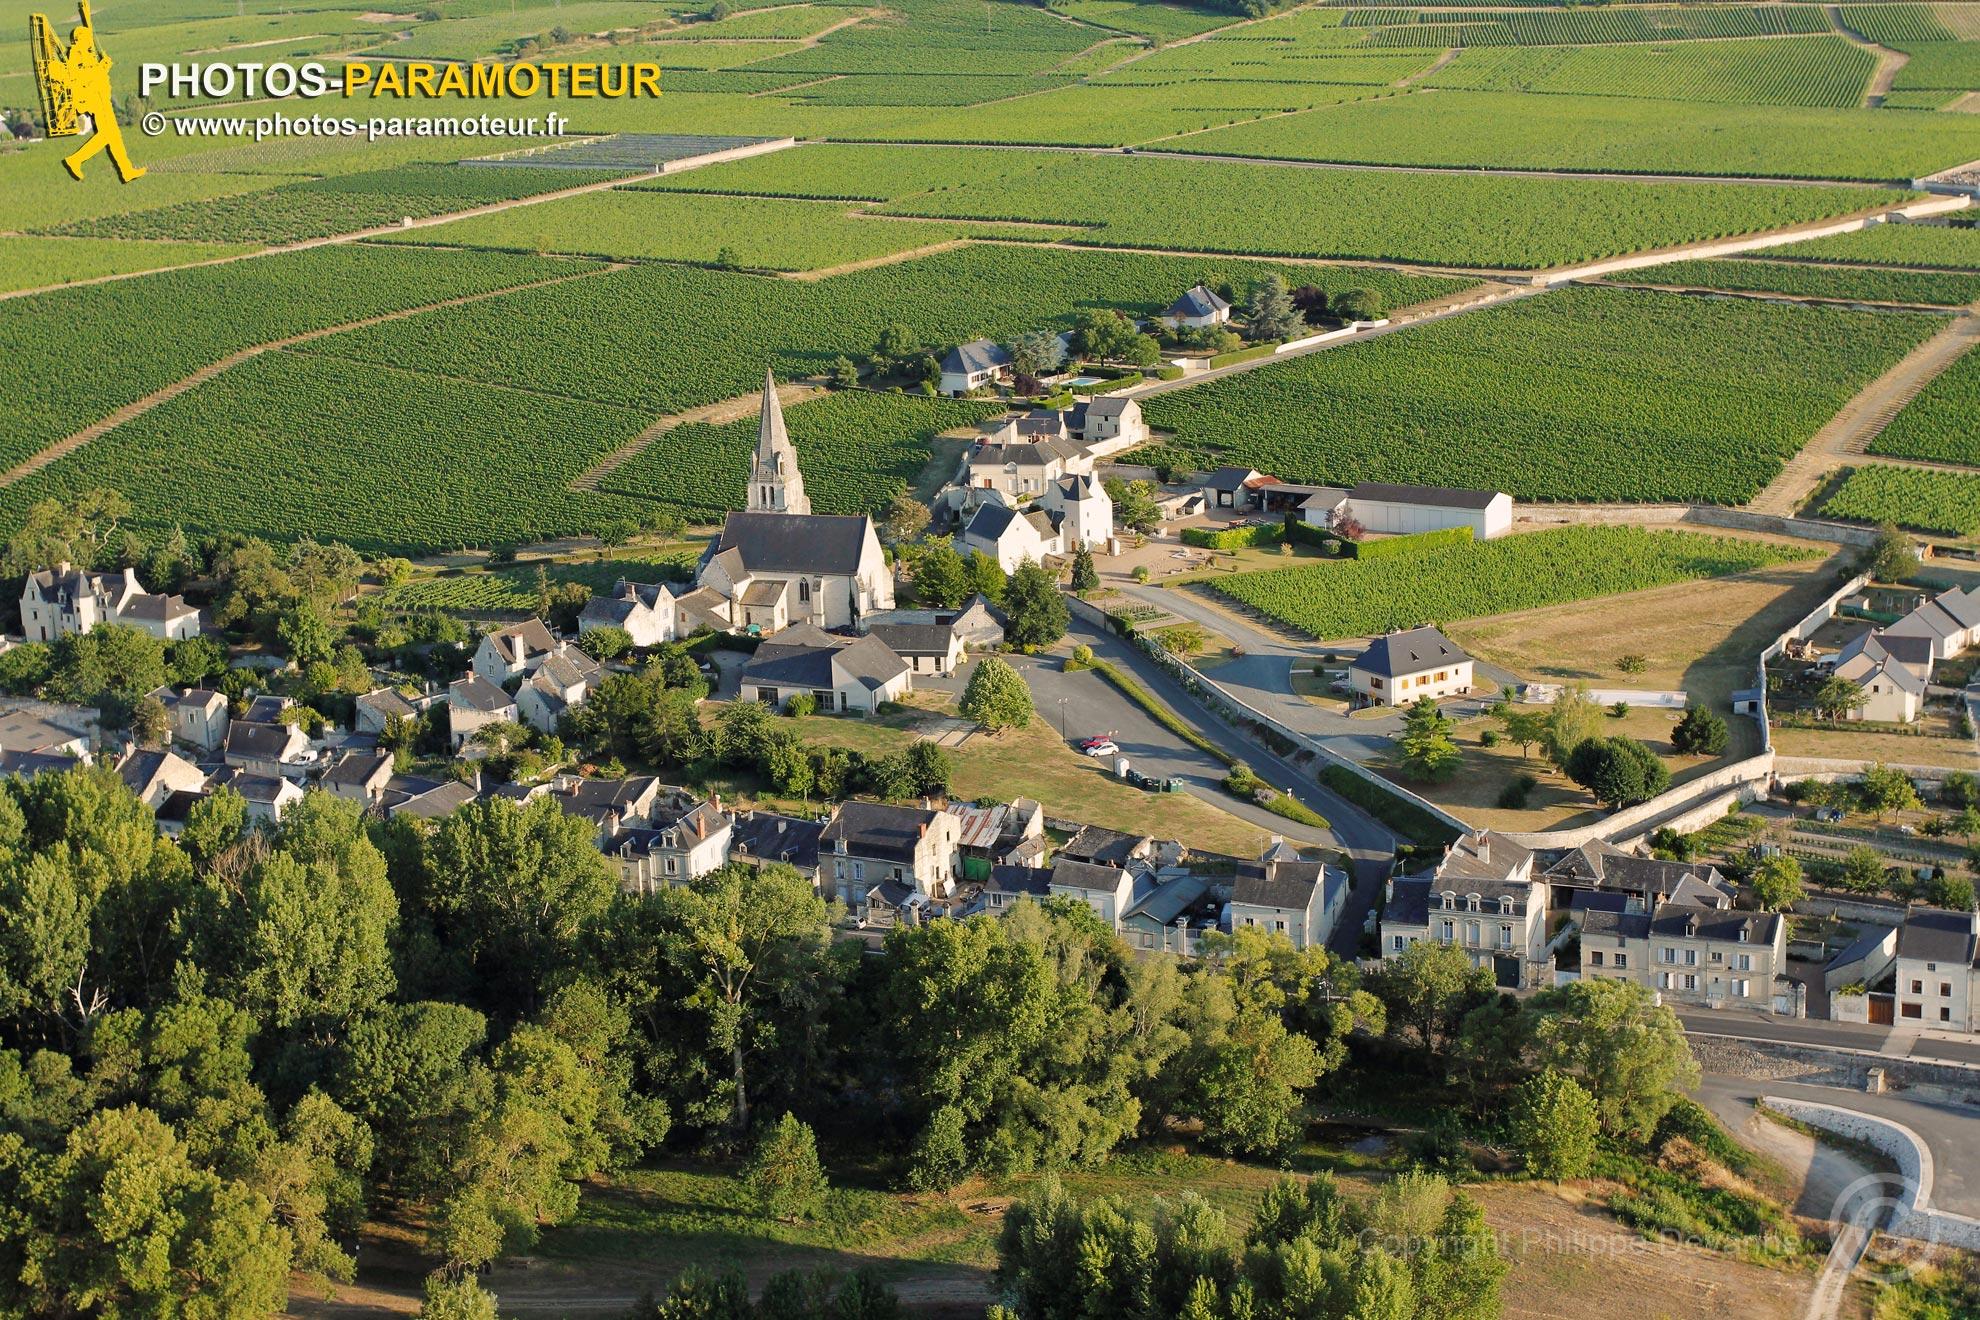 Souzay-Champigny vue du ciel, France